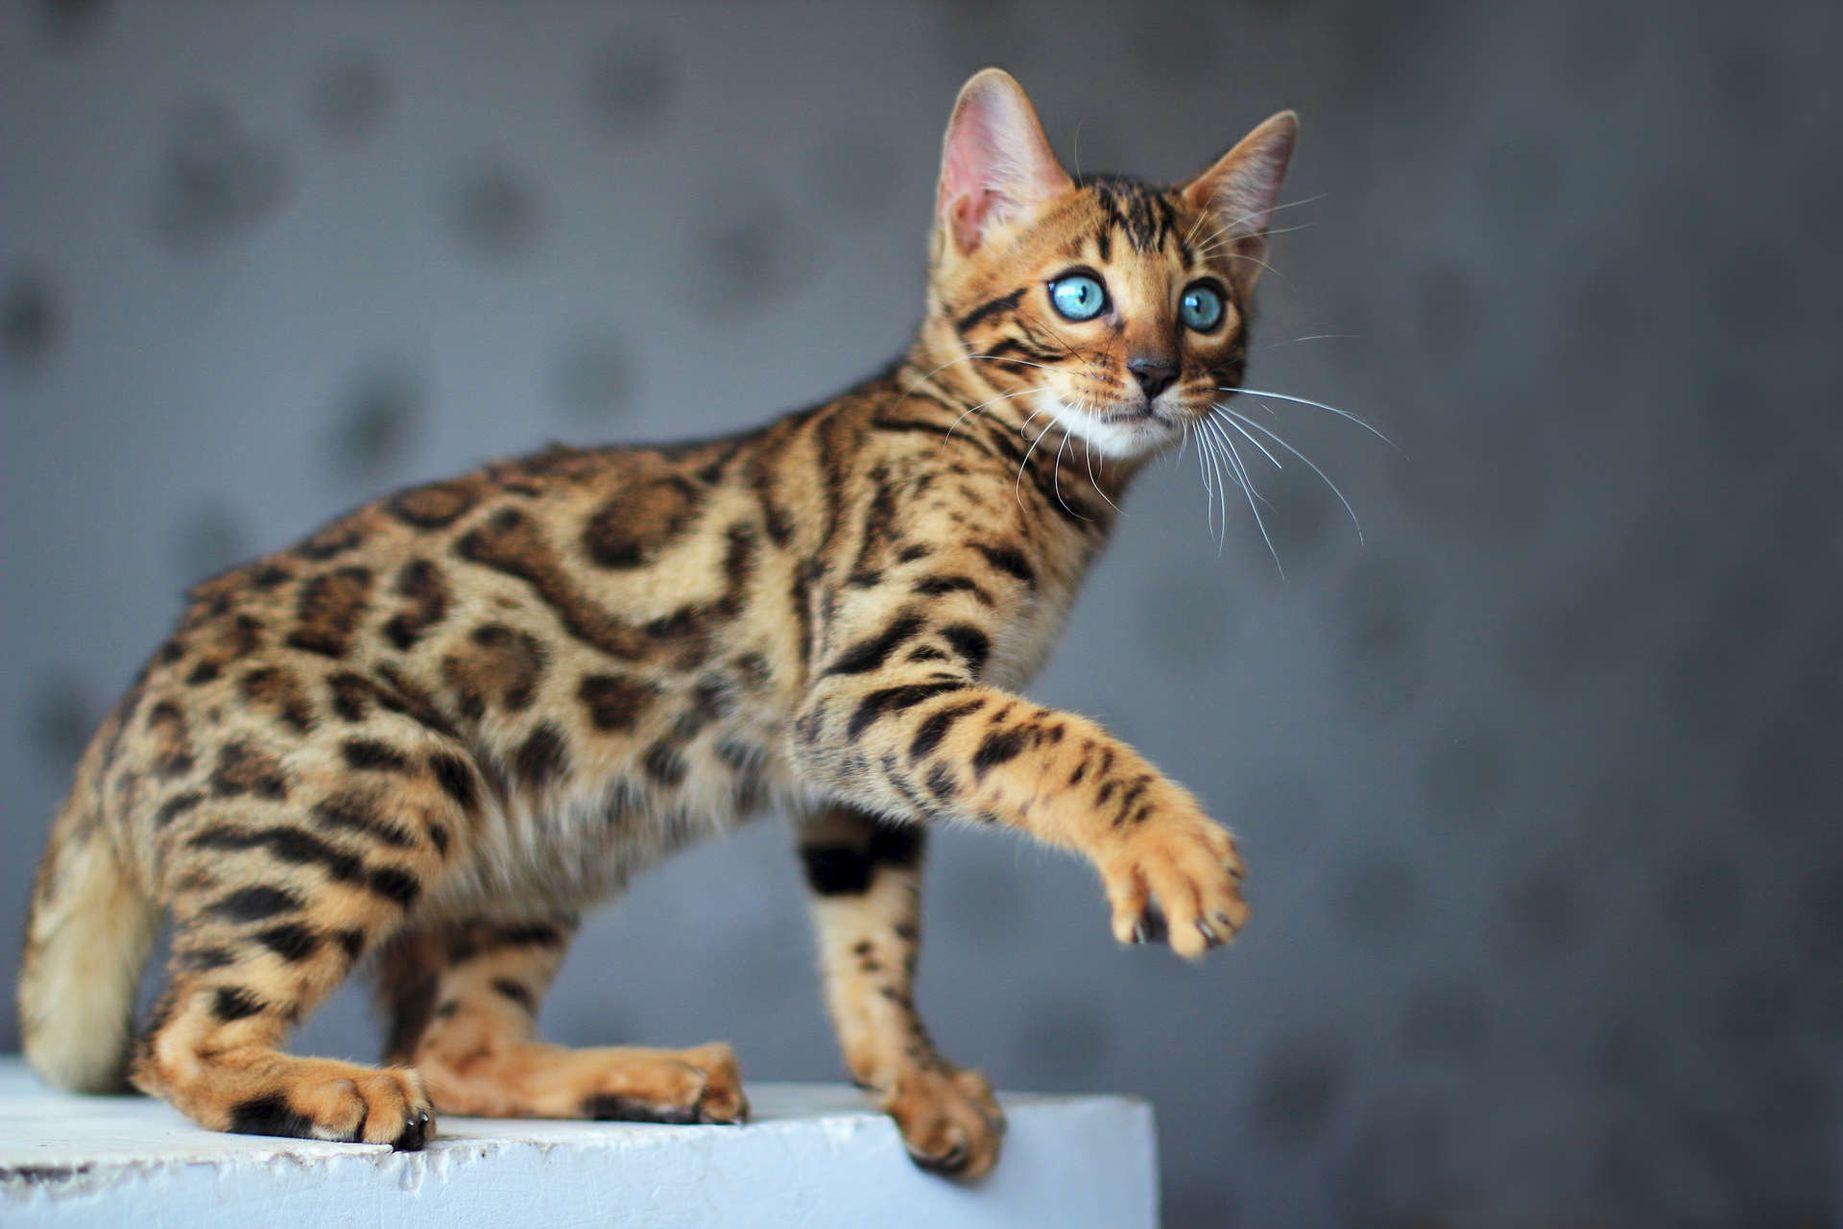 каша картинки леопардового кота при данной